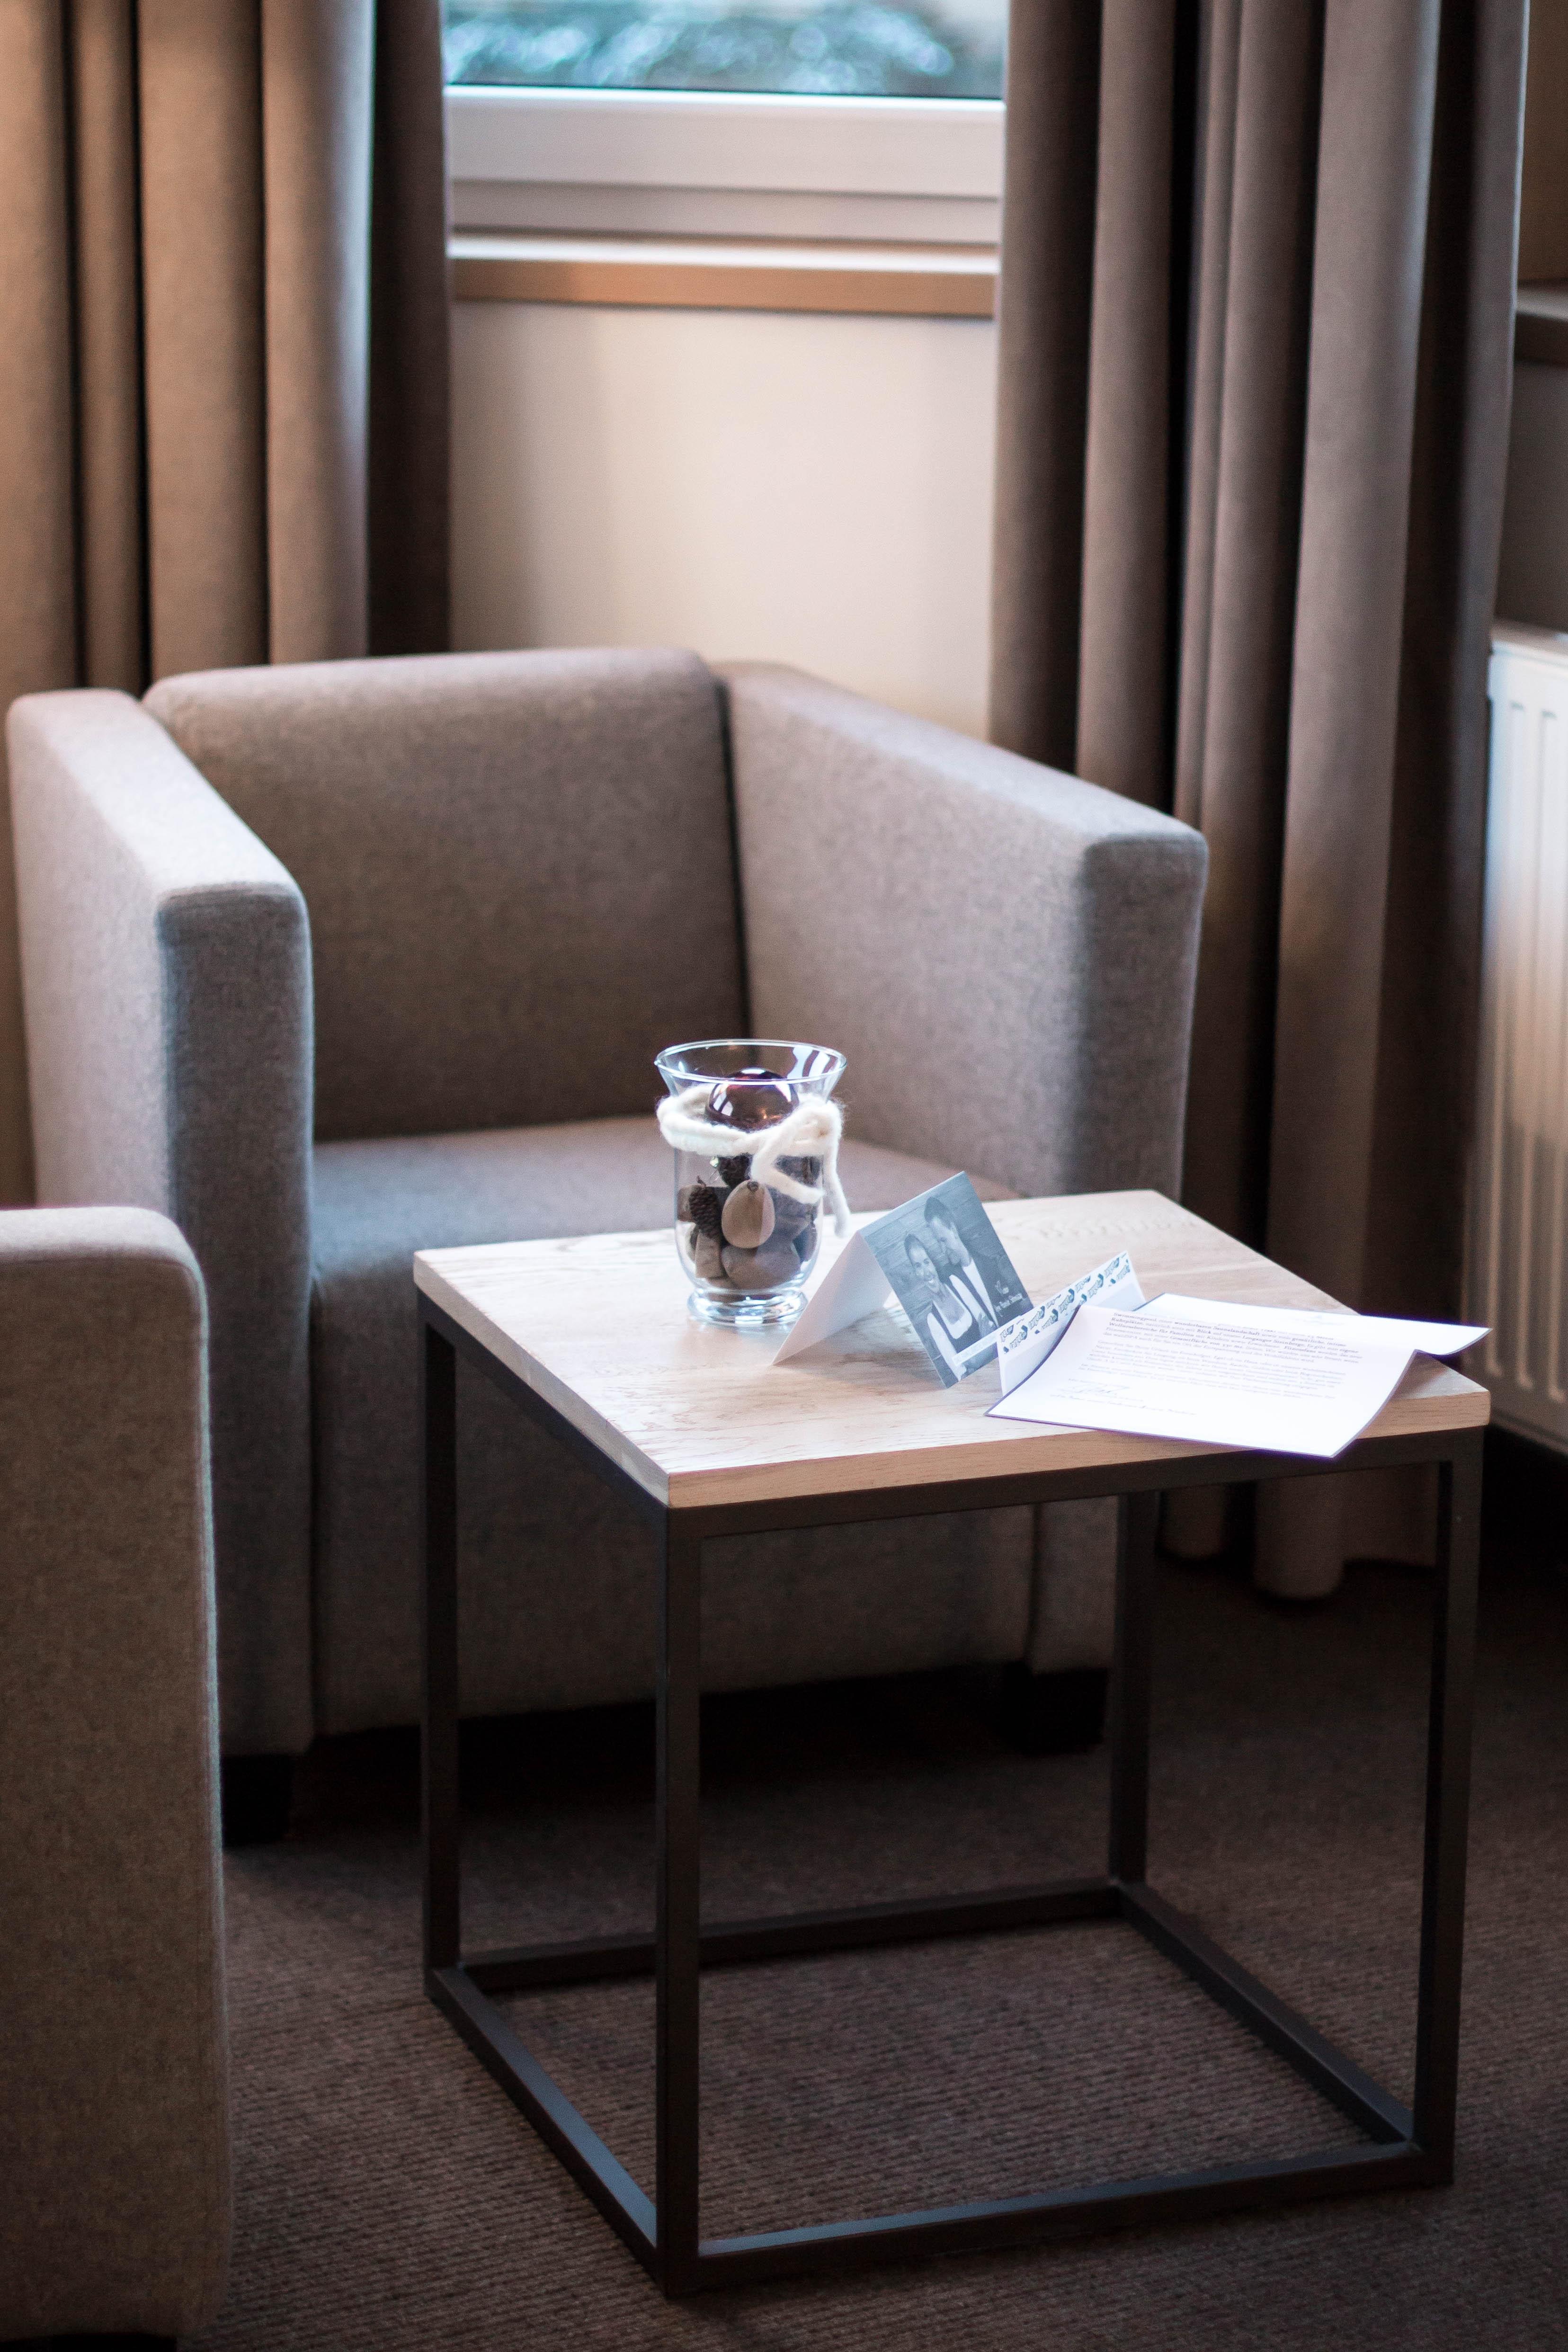 naturhotel-forsthofgut-annalaurakummer-hotel-review-16